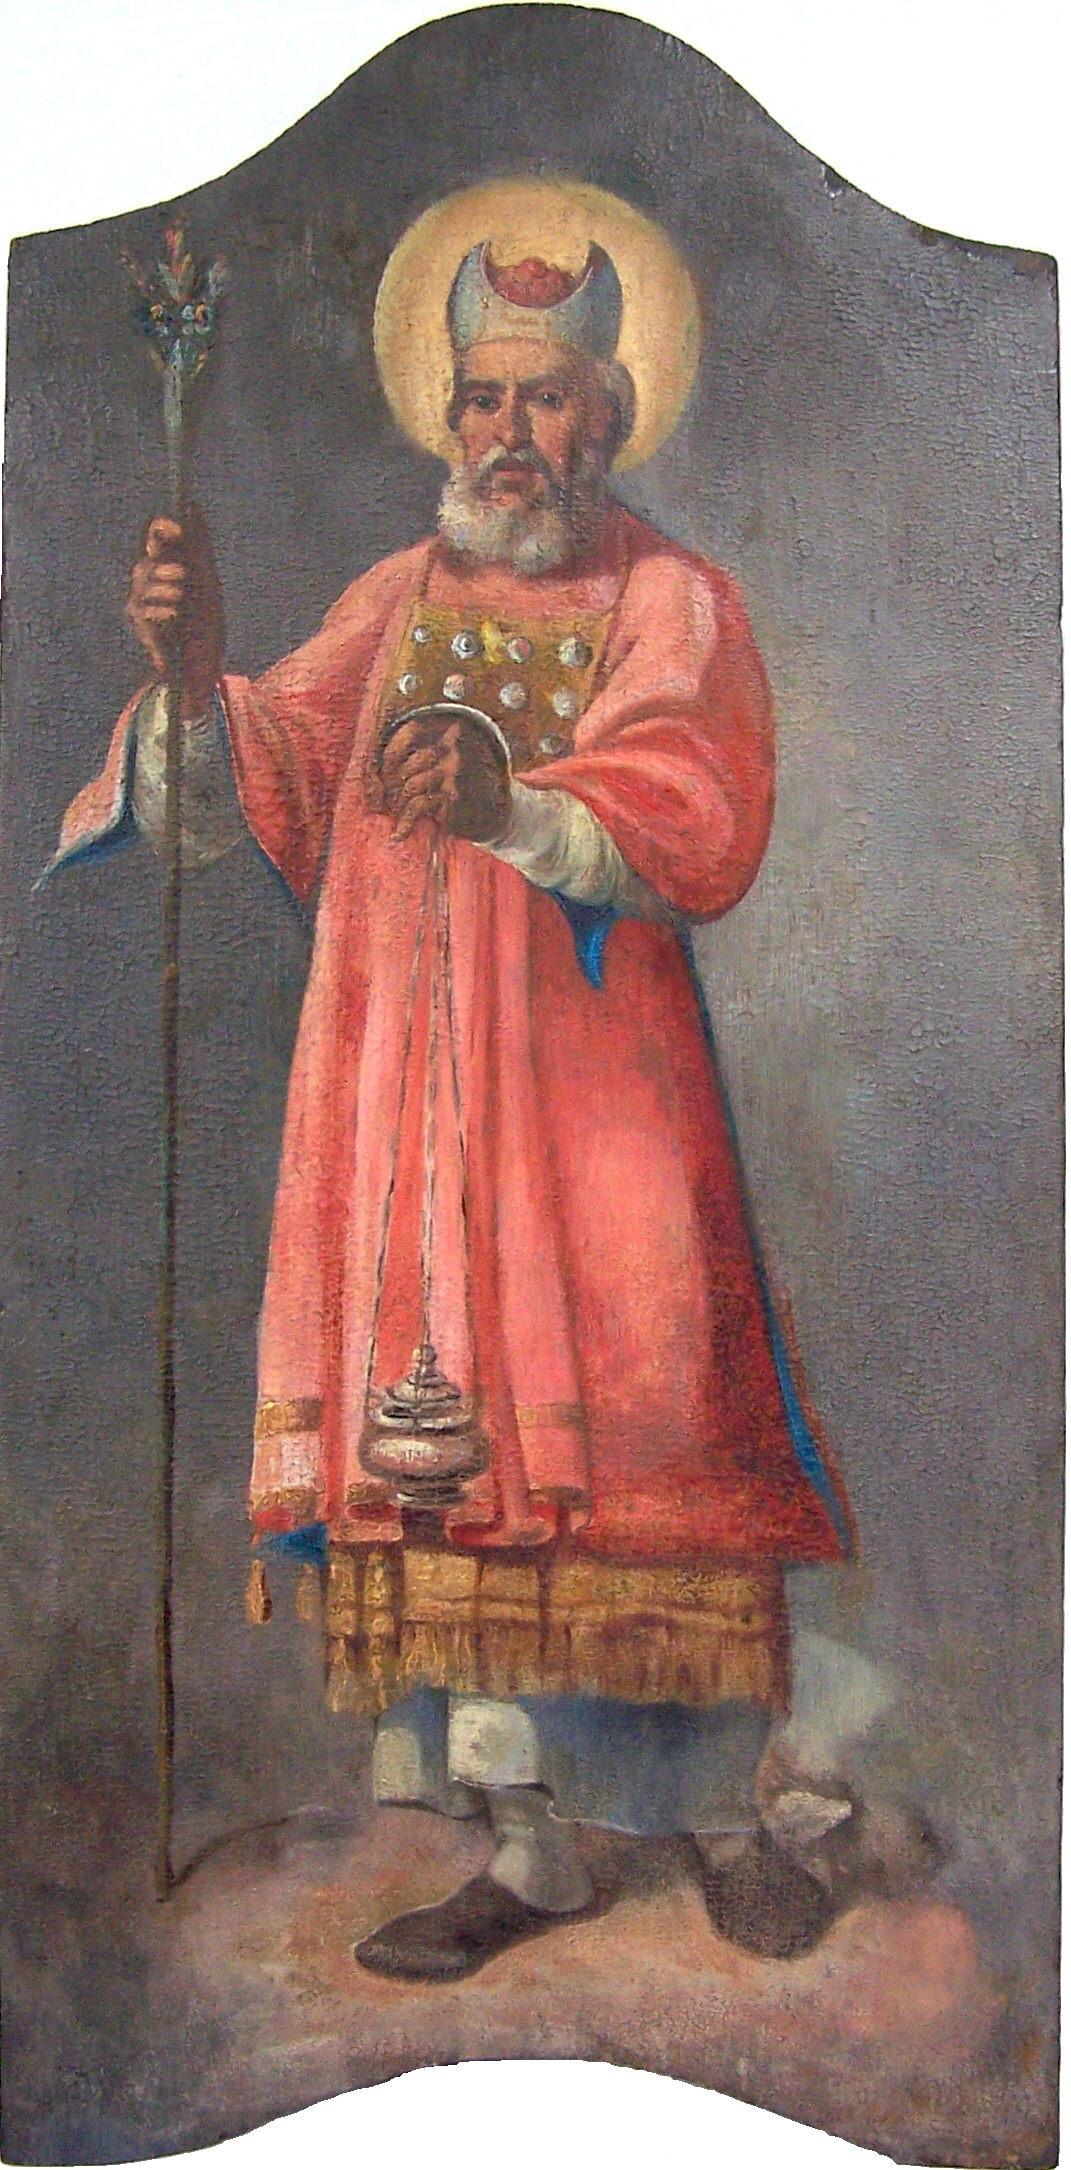 Аарон в первосвященническом облачении. Греческая икона XVIII в.